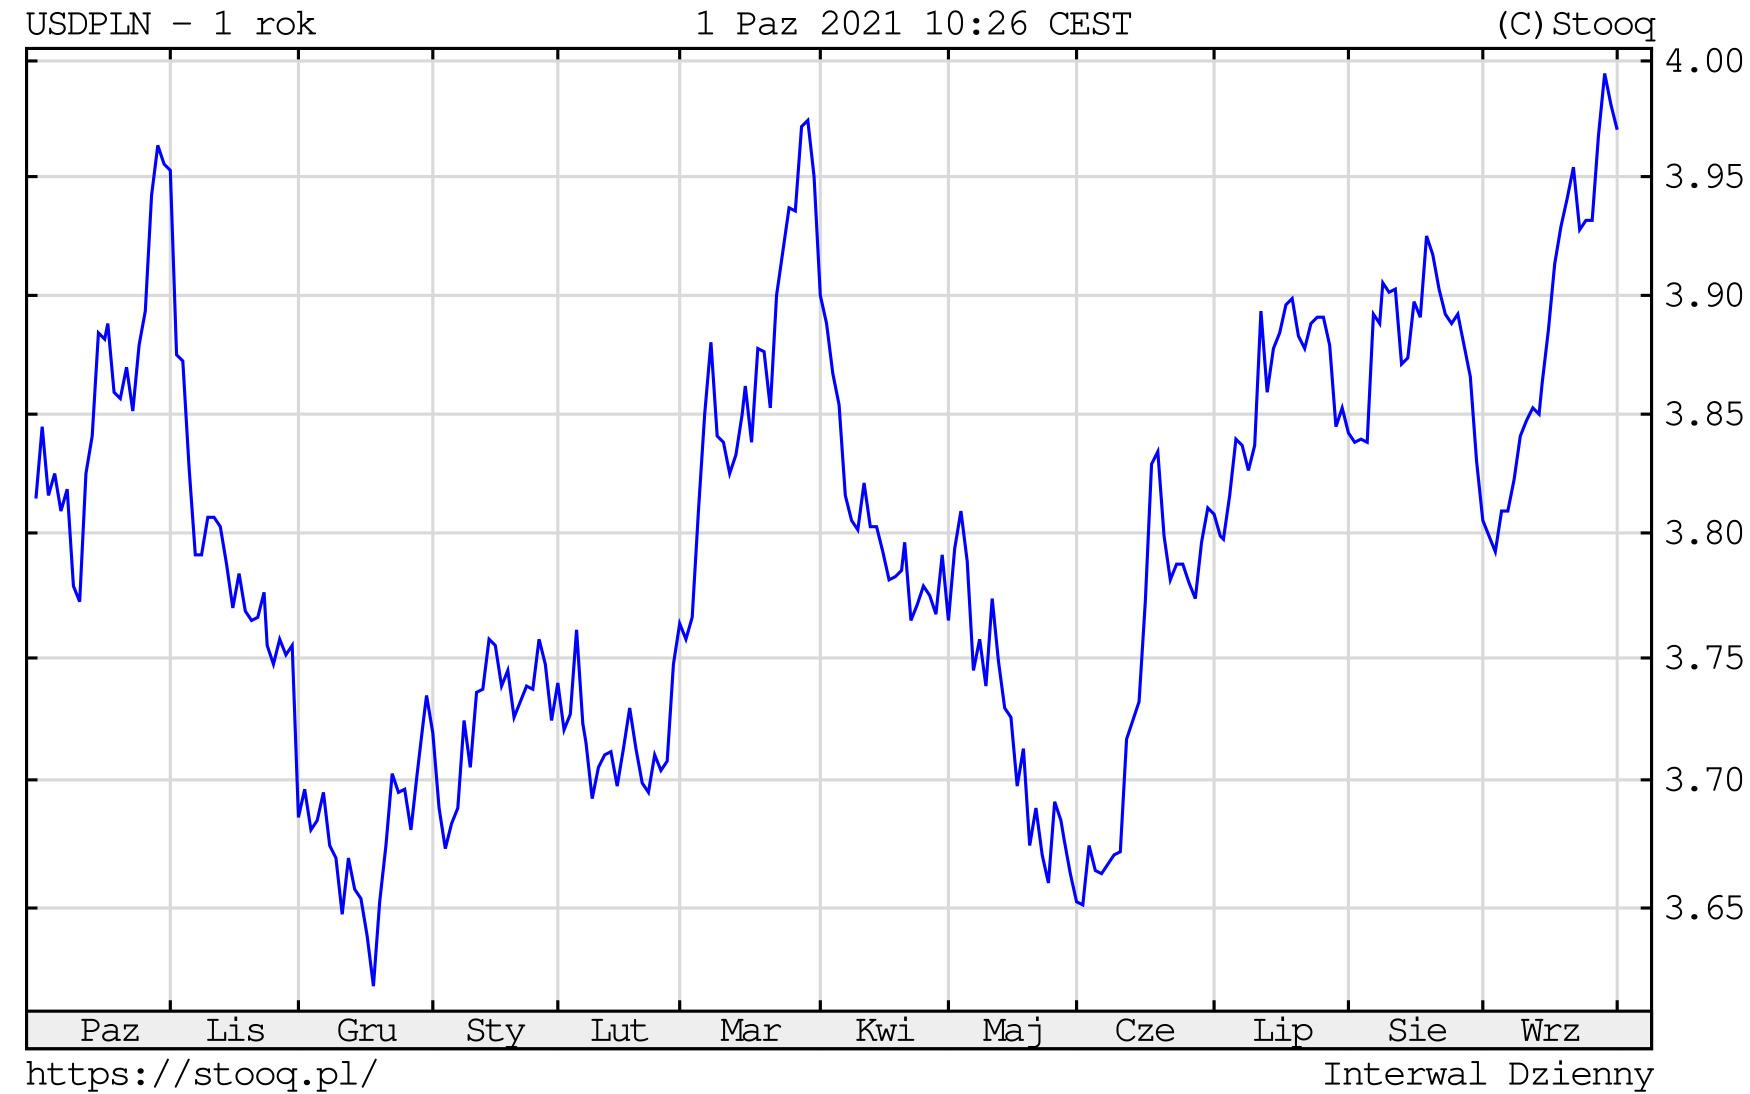 Kurs dolara w piątek, 1 października 2021 roku. Notowania USD/PLN na wykresie dziennym